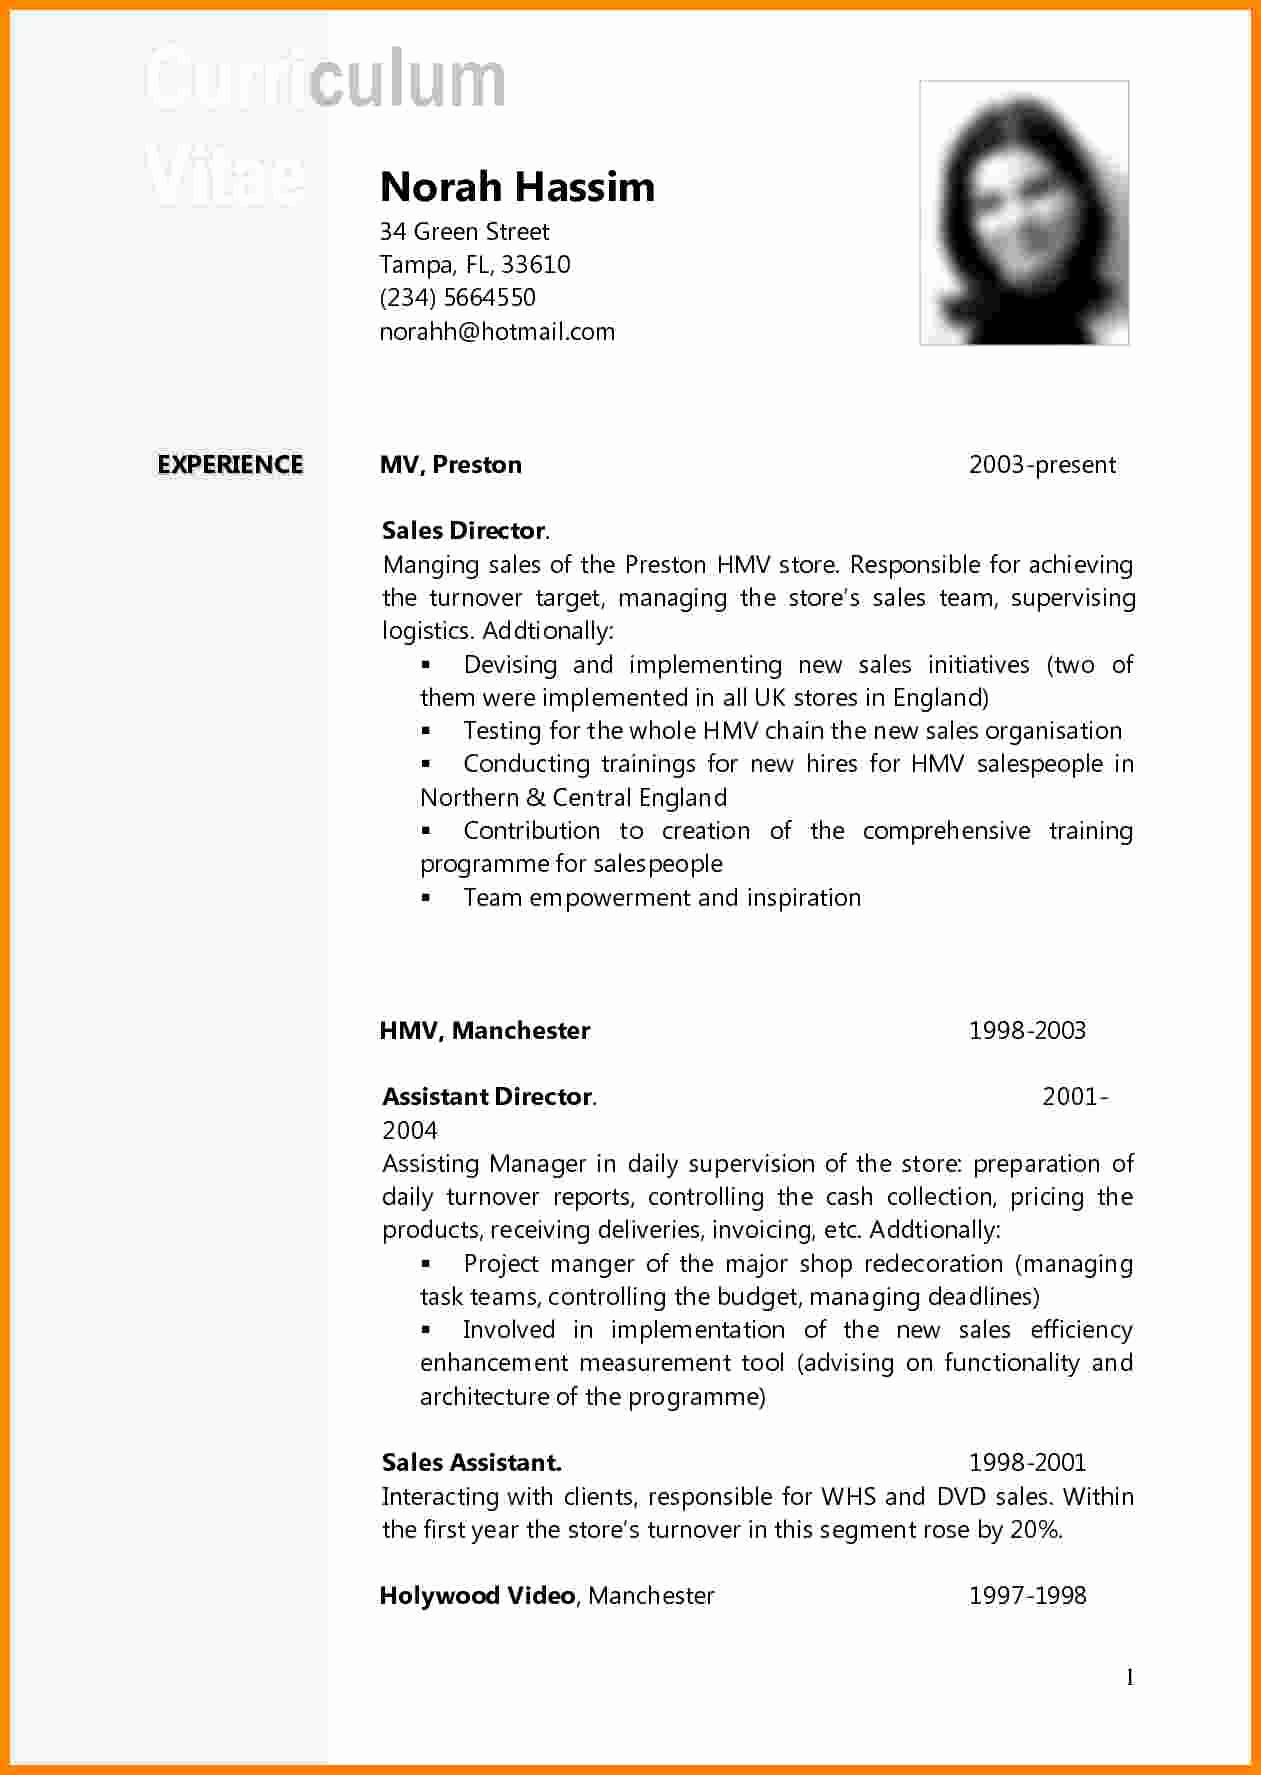 Curriculum Vitae Sample format Elegant 11 Curriculum Vitae Example Doc